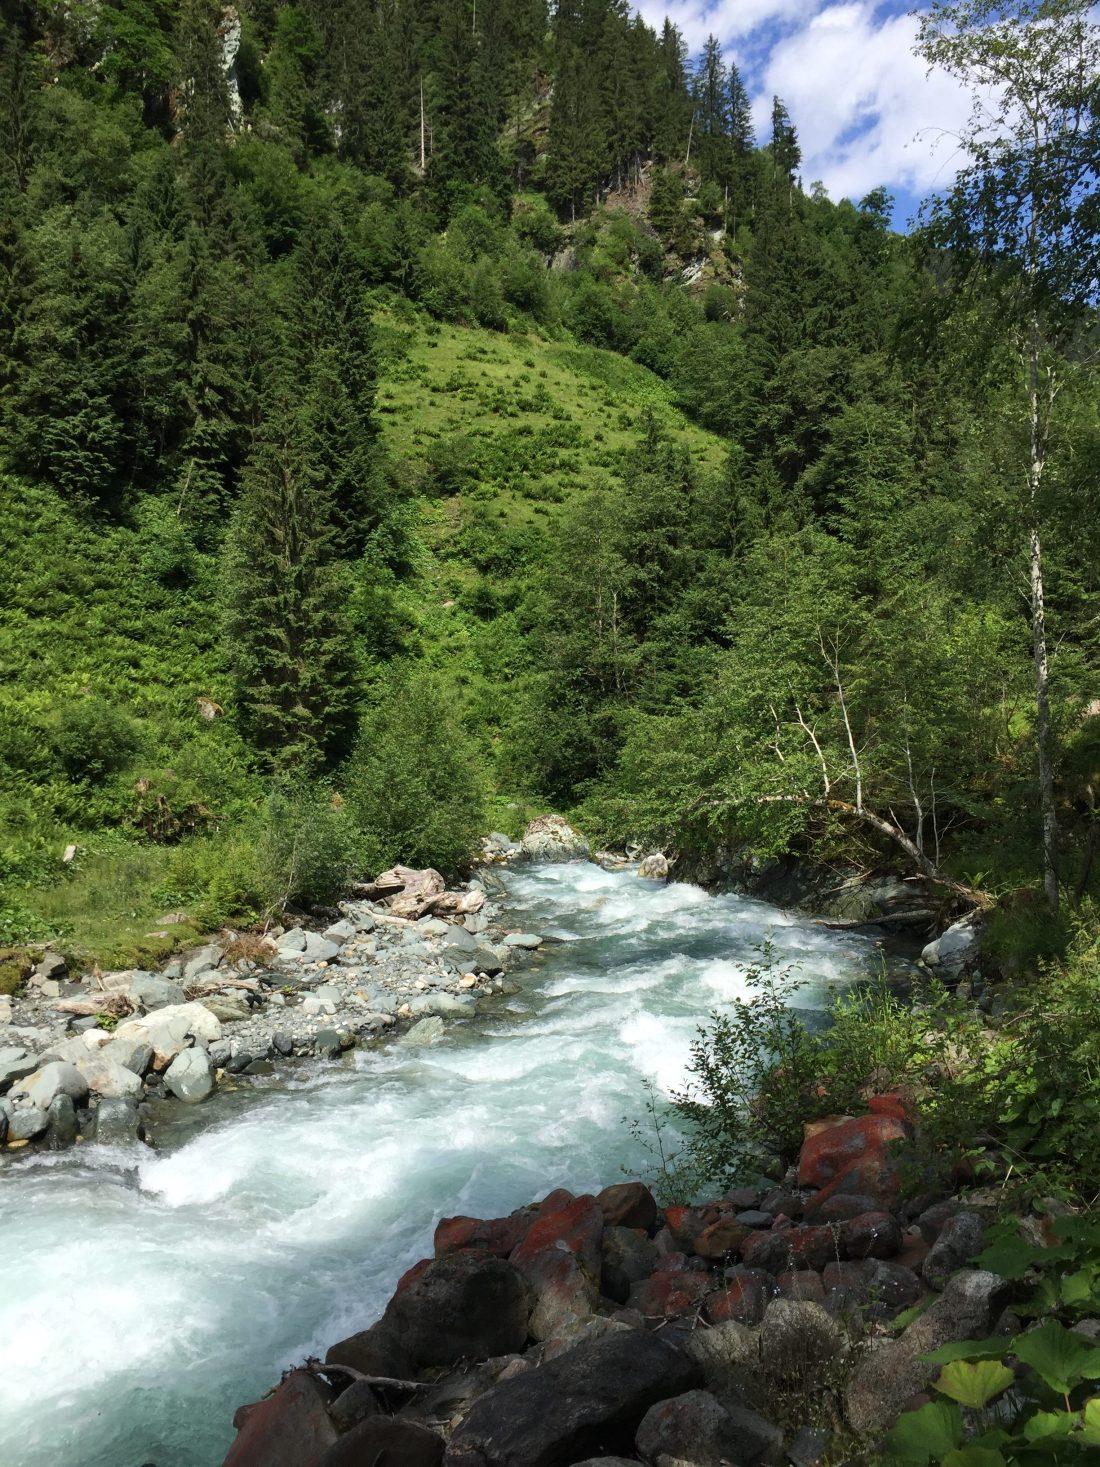 Hollersbachtal, Bachlehrweg, Nationalpark Hohe Tauern, Wandern mit Kindern in Salzburg, tssok, the sunny side of kids, wandern mit familie, familienwanderung, nationalparks Österreich